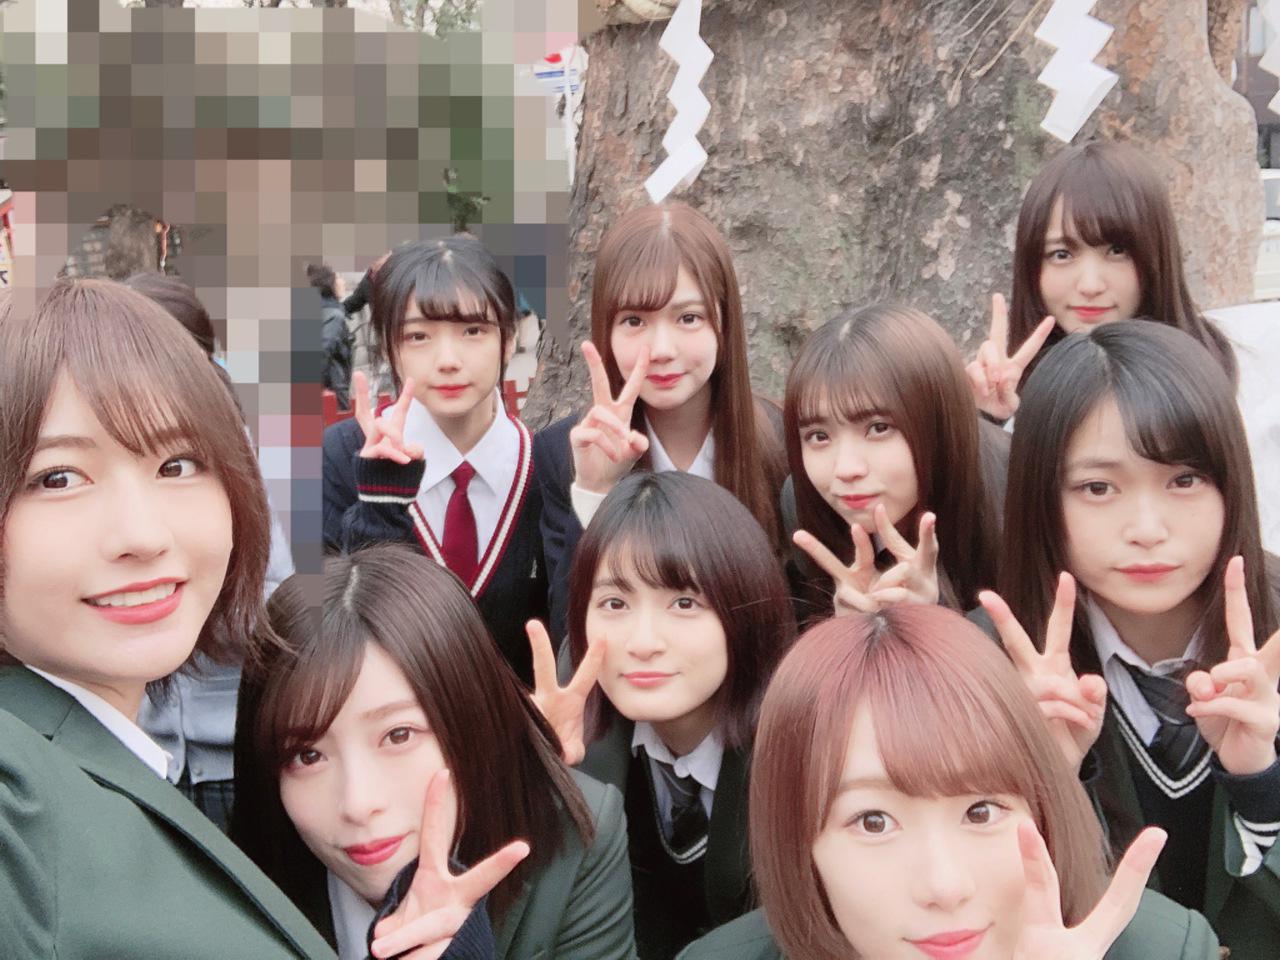 欅坂46 イジメファイブ 集合写真